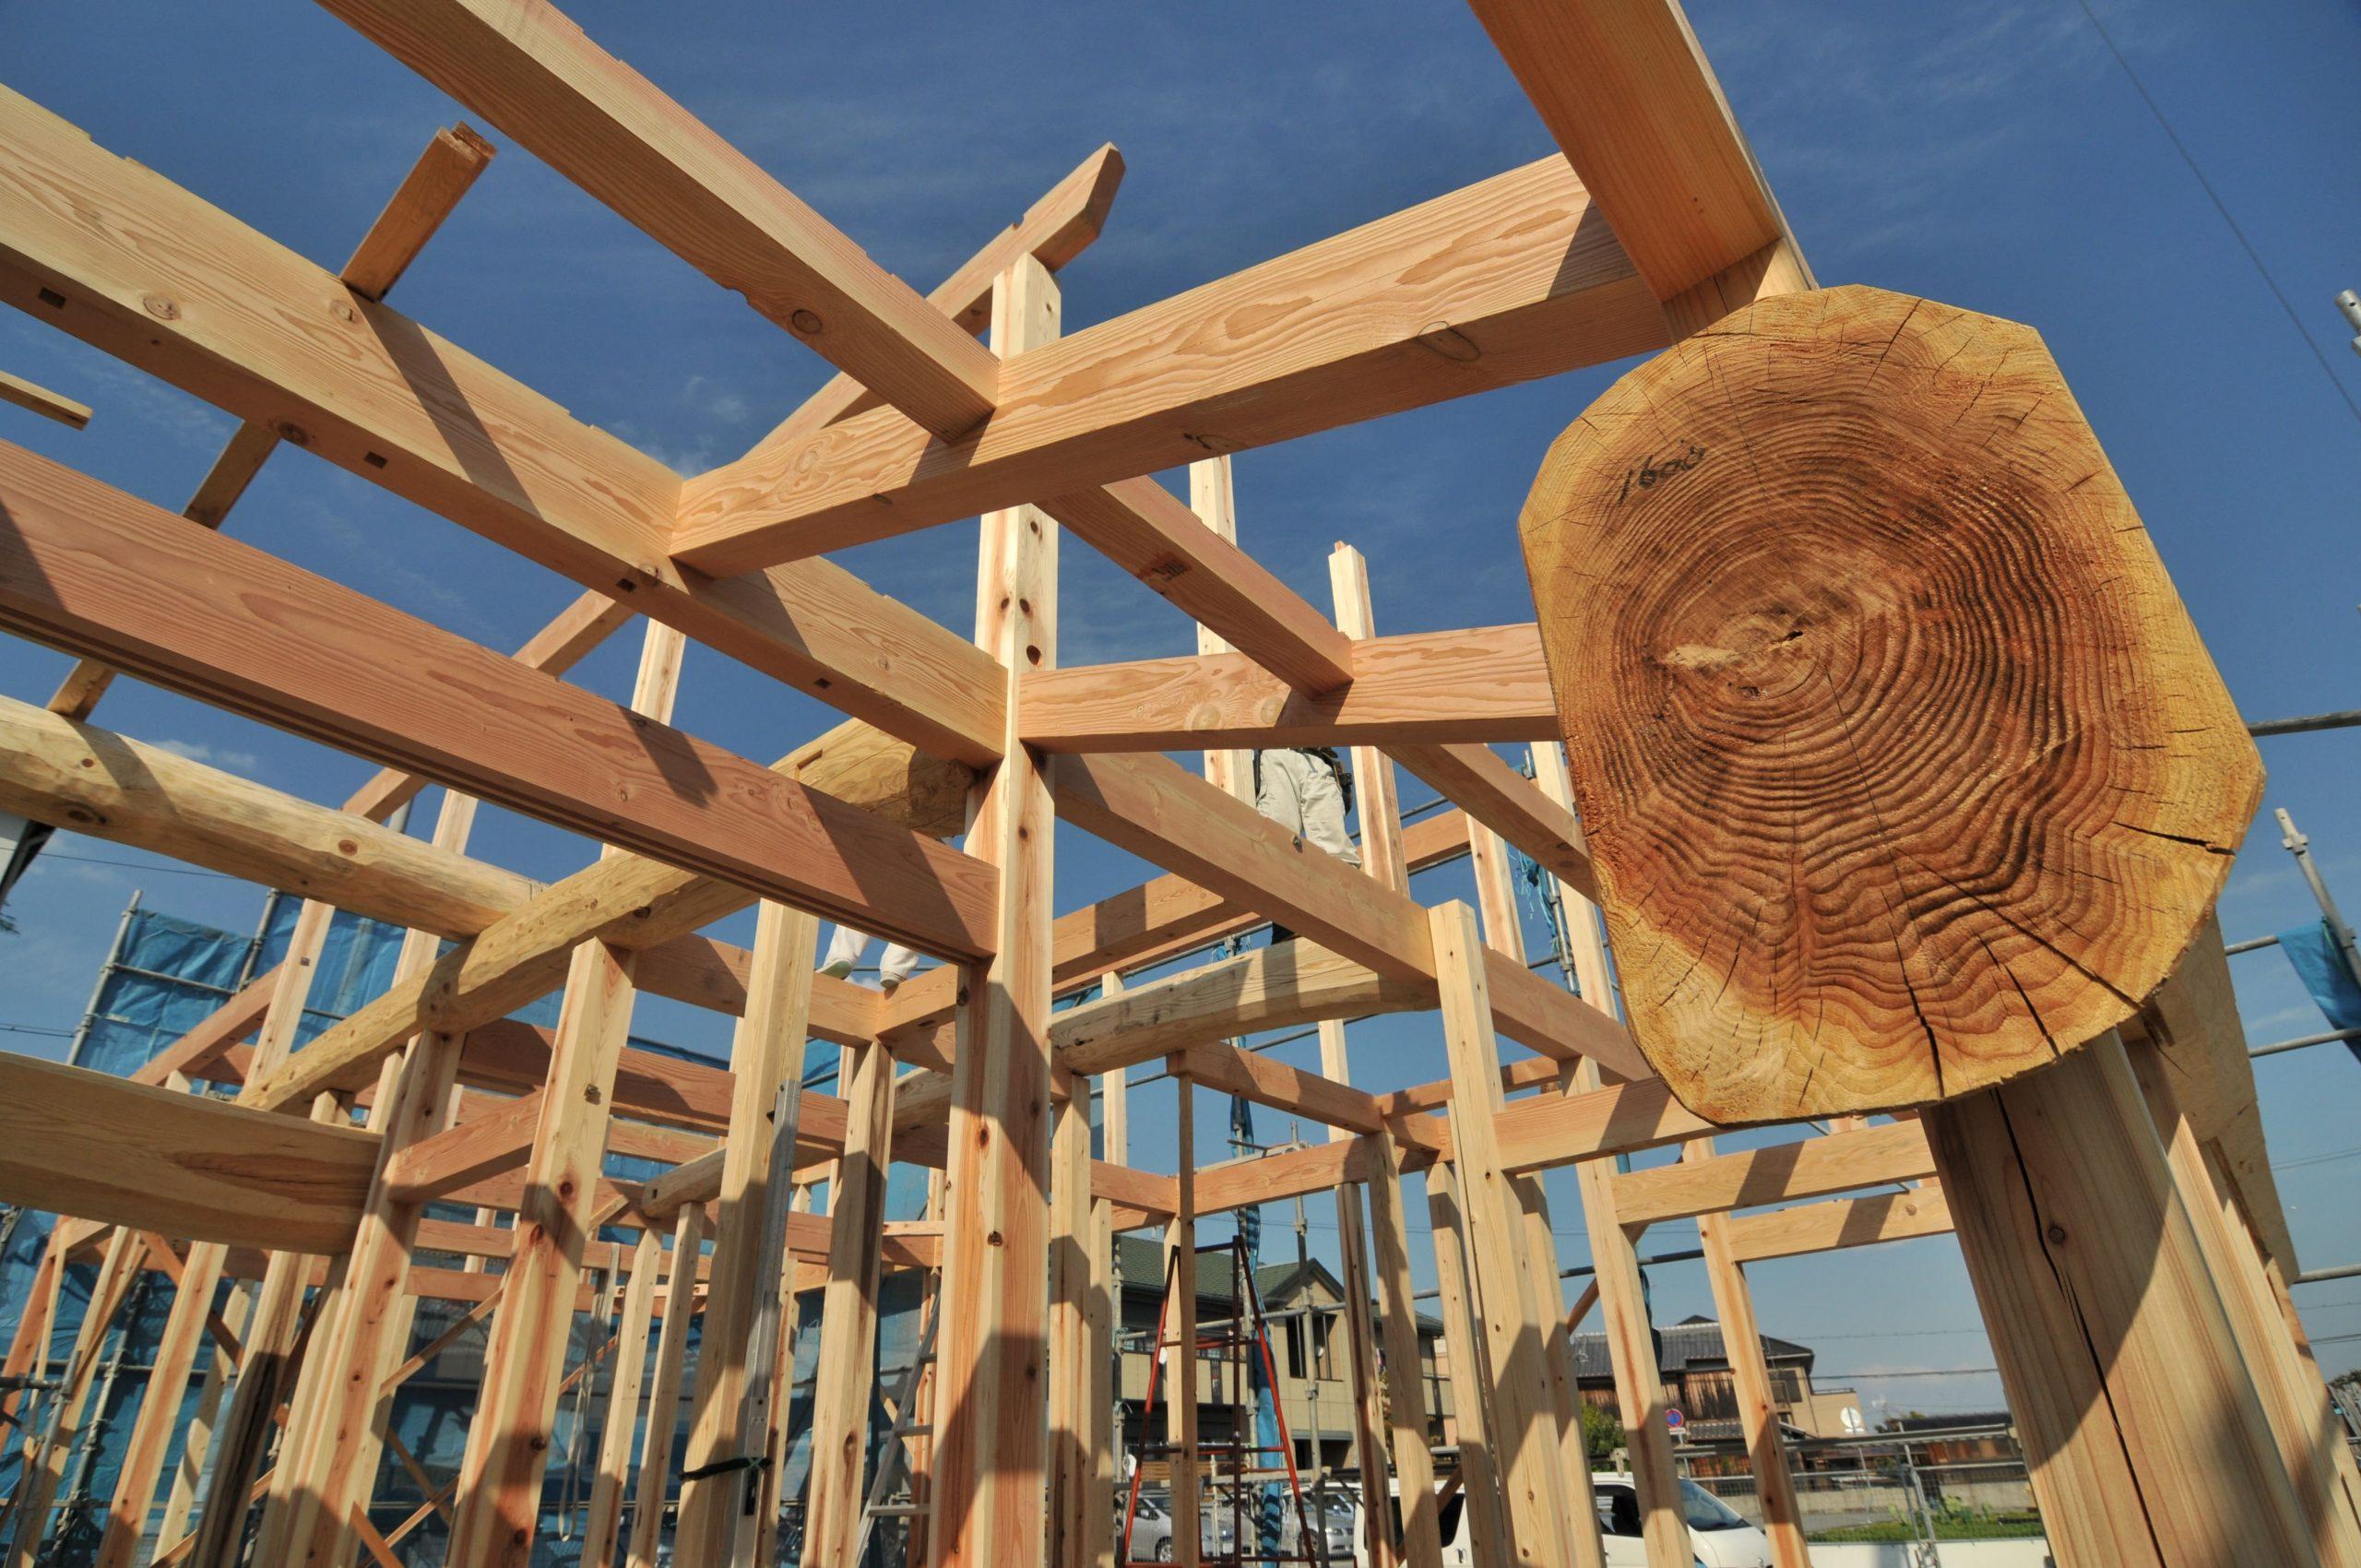 これからお店を始める方におすすめな工務店【愛知県名古屋の設計事務所】小牧市の「和田建設」は、東海地方のカフェデザイン、設計・施工・木造住宅のリフォーム(改装 増改築)を得意としています!